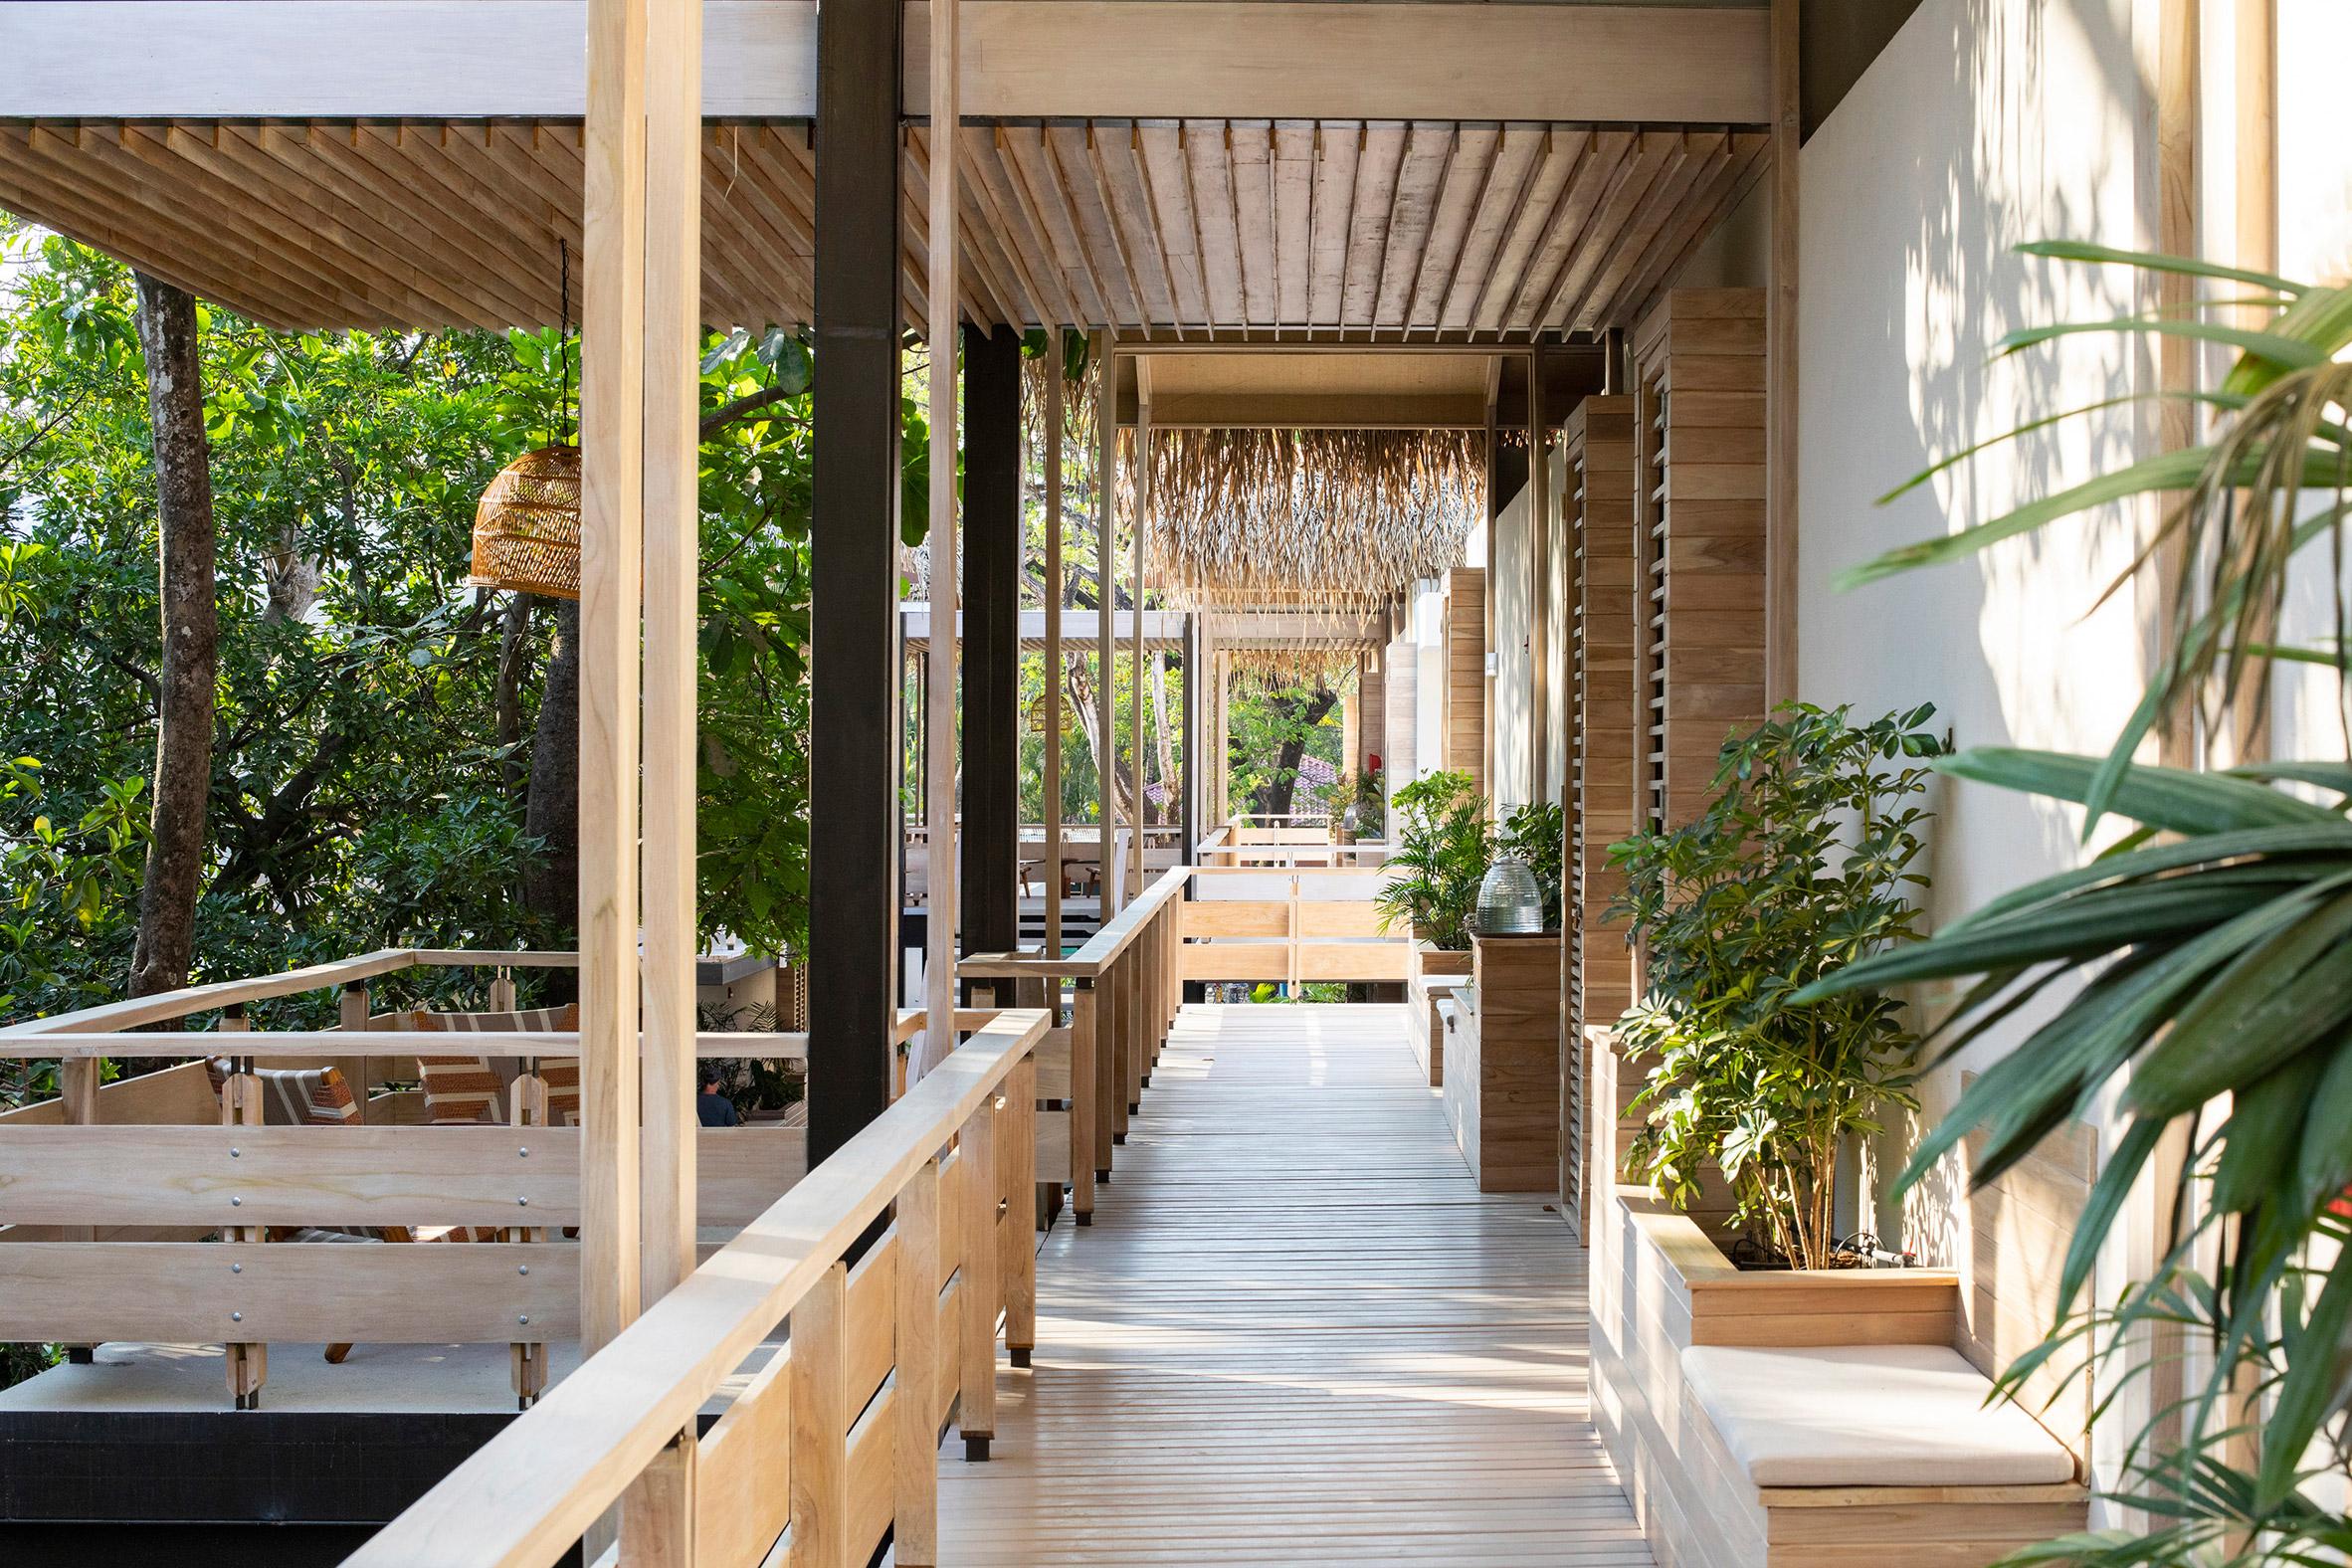 Thiết kế sân vườn Resort 22